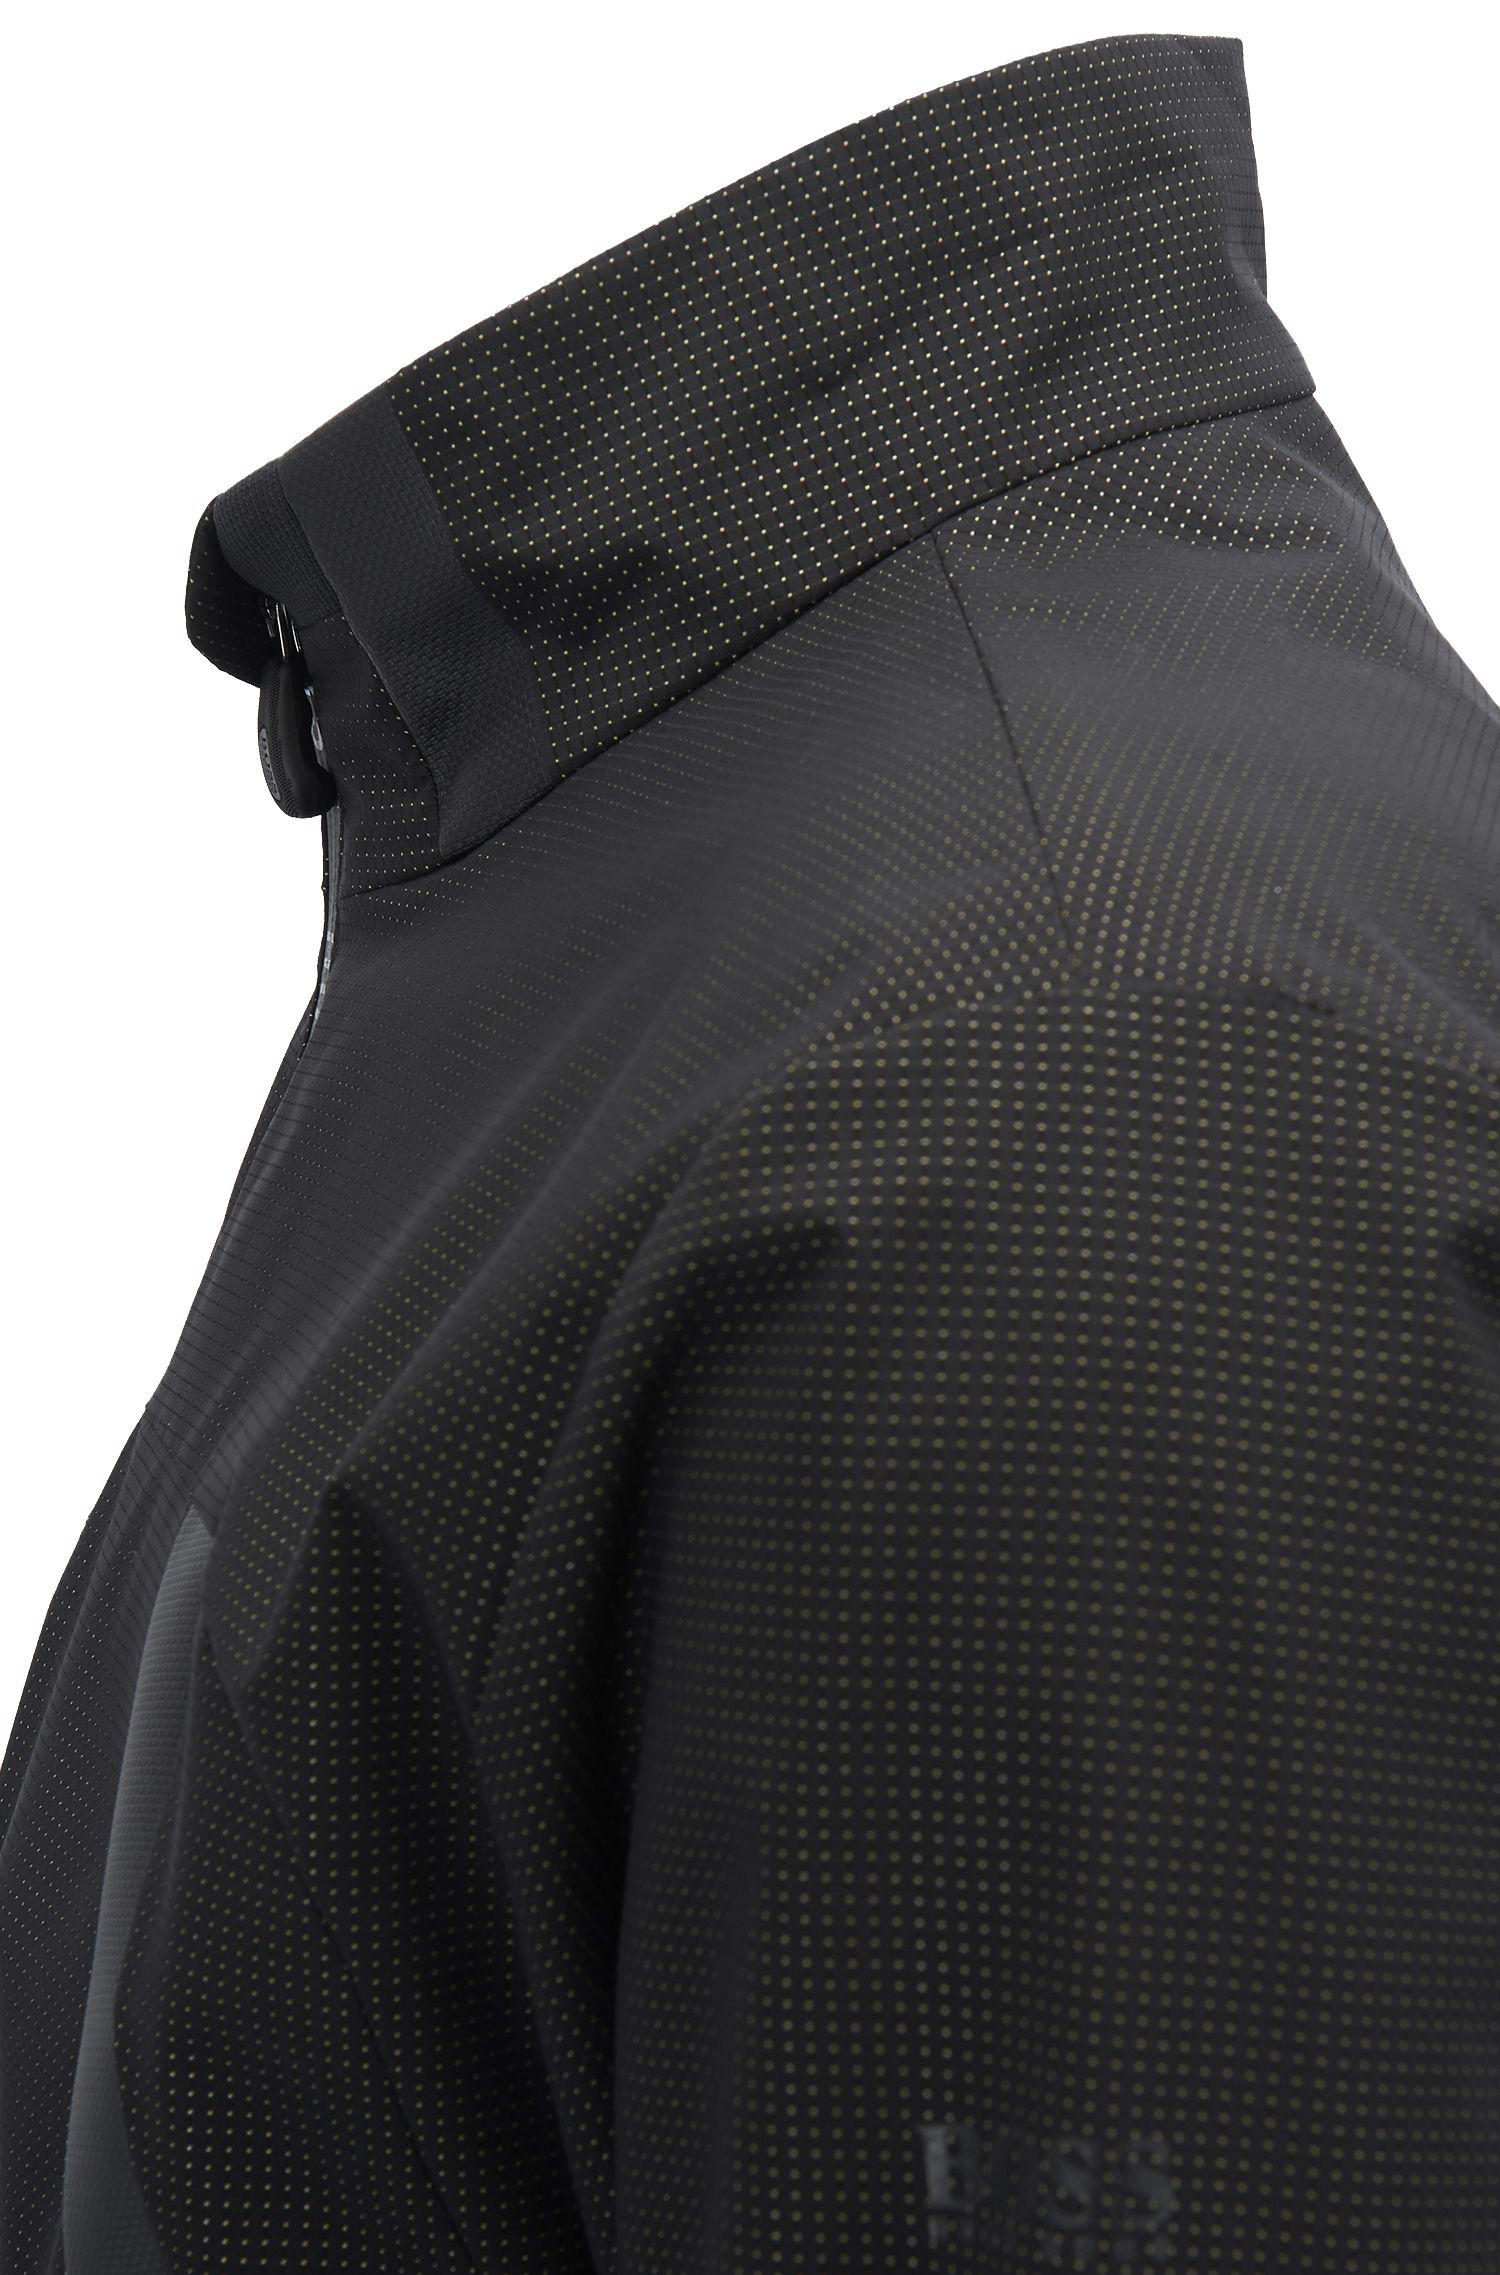 Veste performante en tissu technique imperméable